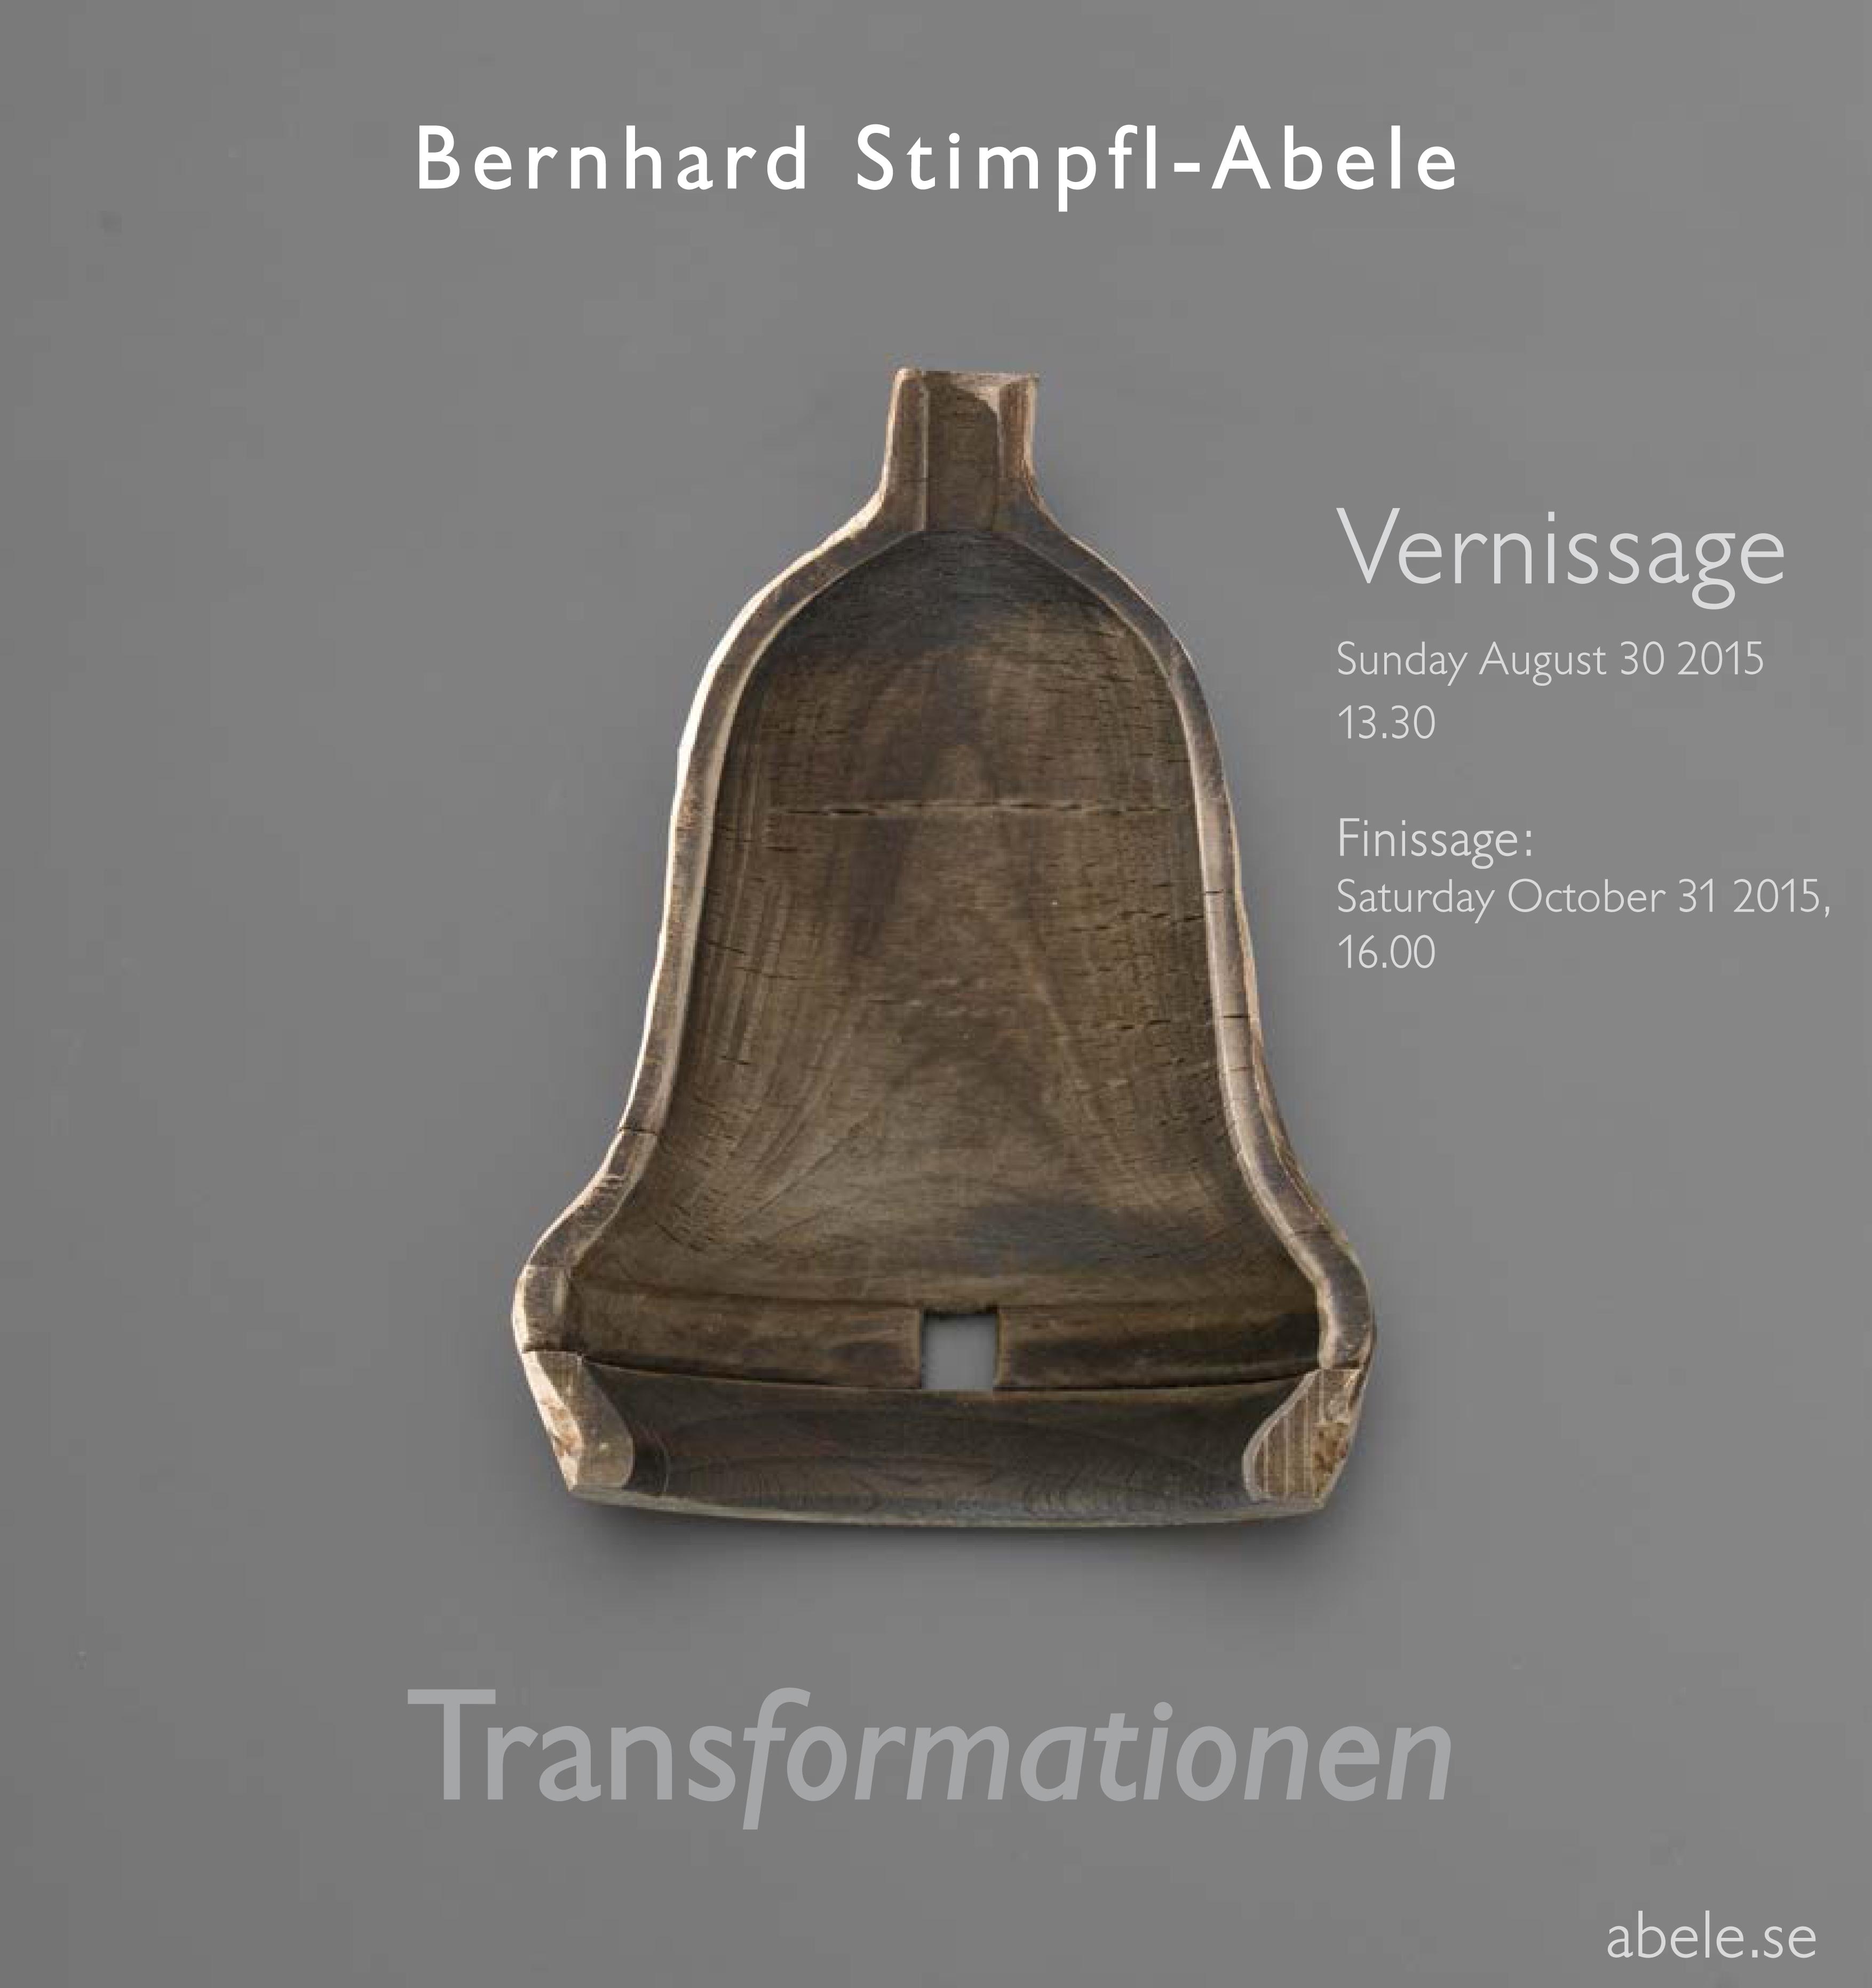 Transformationen - Schmuckausstellung Bernhard Stimpfl-Abele